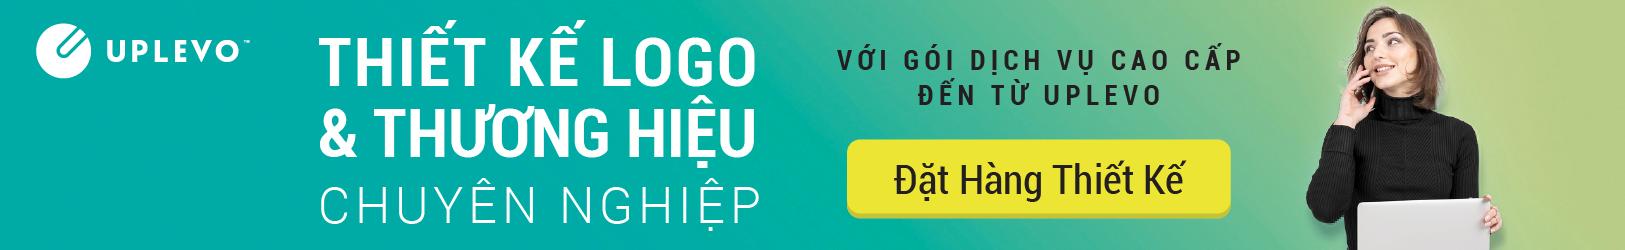 dịch vụ thiết kế Uplevo